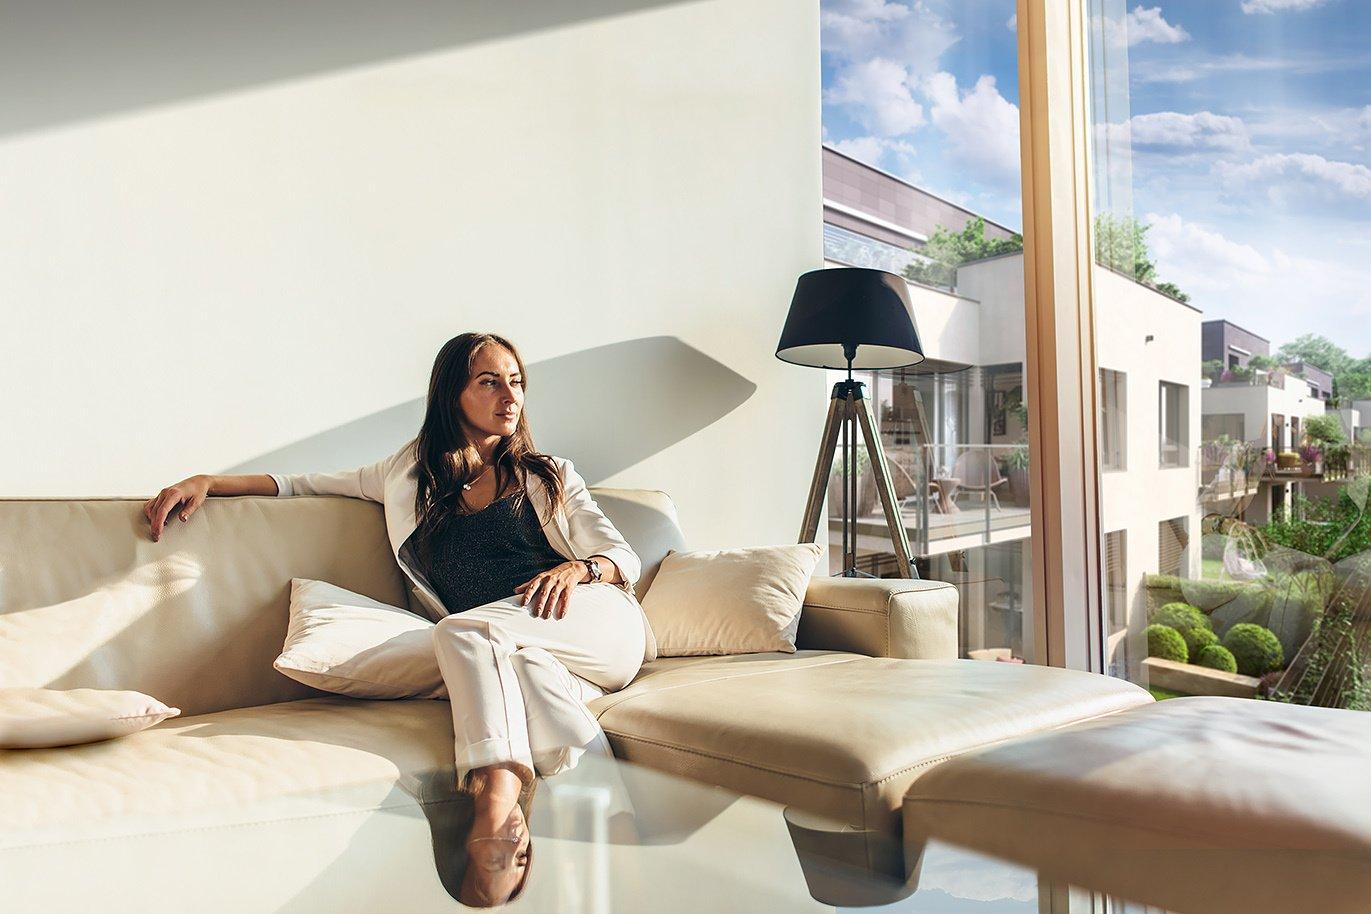 Rezidence nové éry. Pět trendů, které mění styl prémiového bydlení vČesku